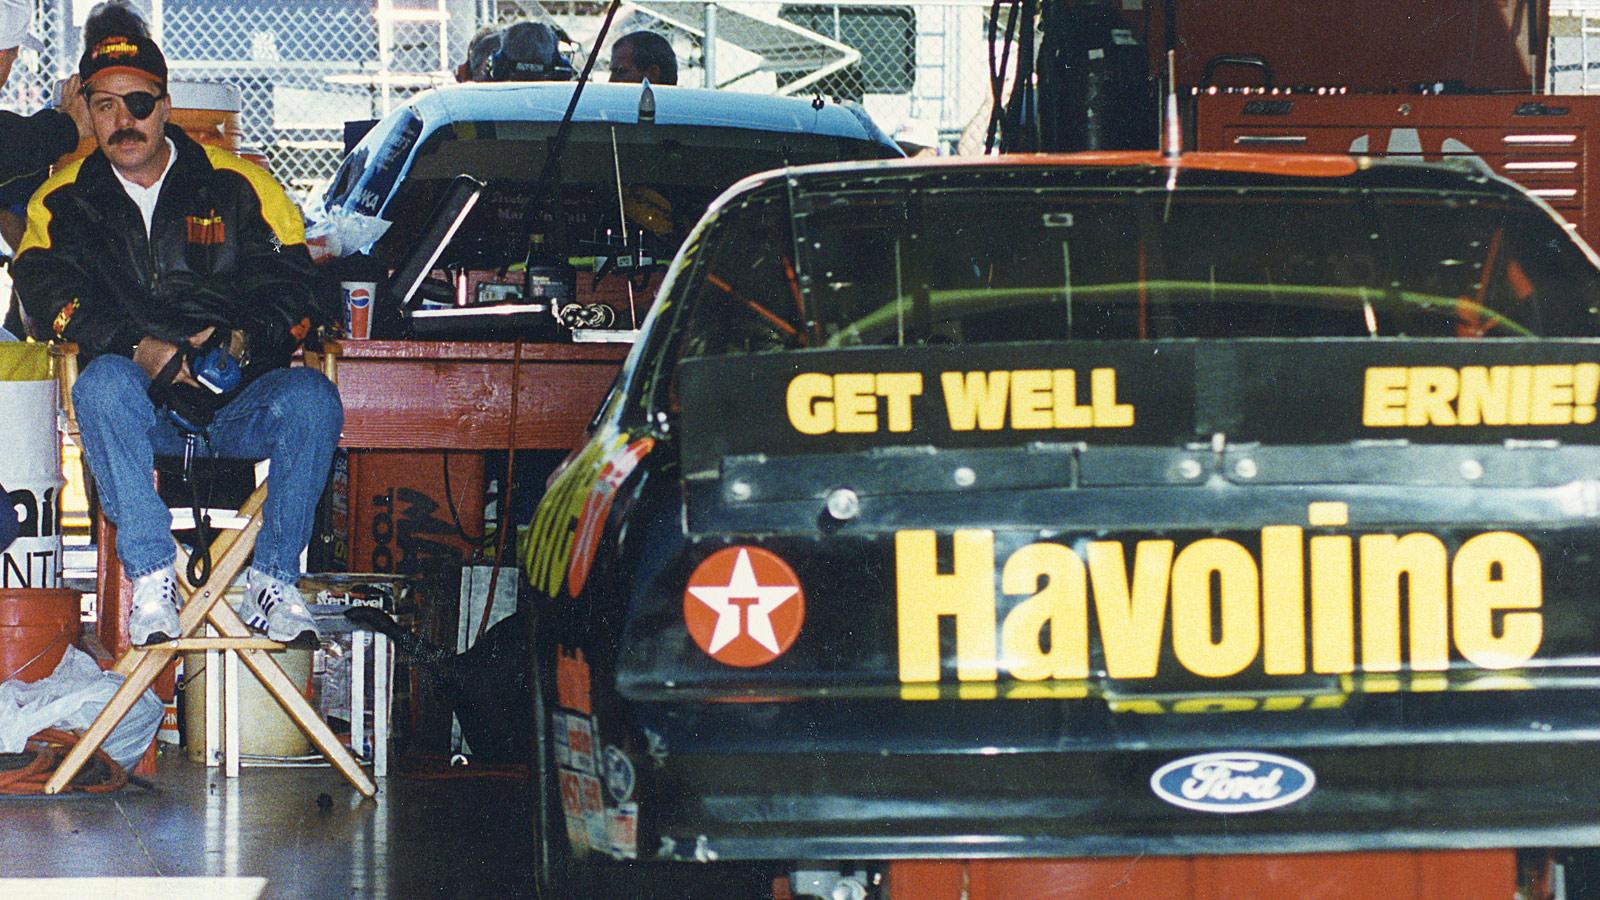 020516-NASCAR-10-TOUGH-DRIVERS-PI-CH